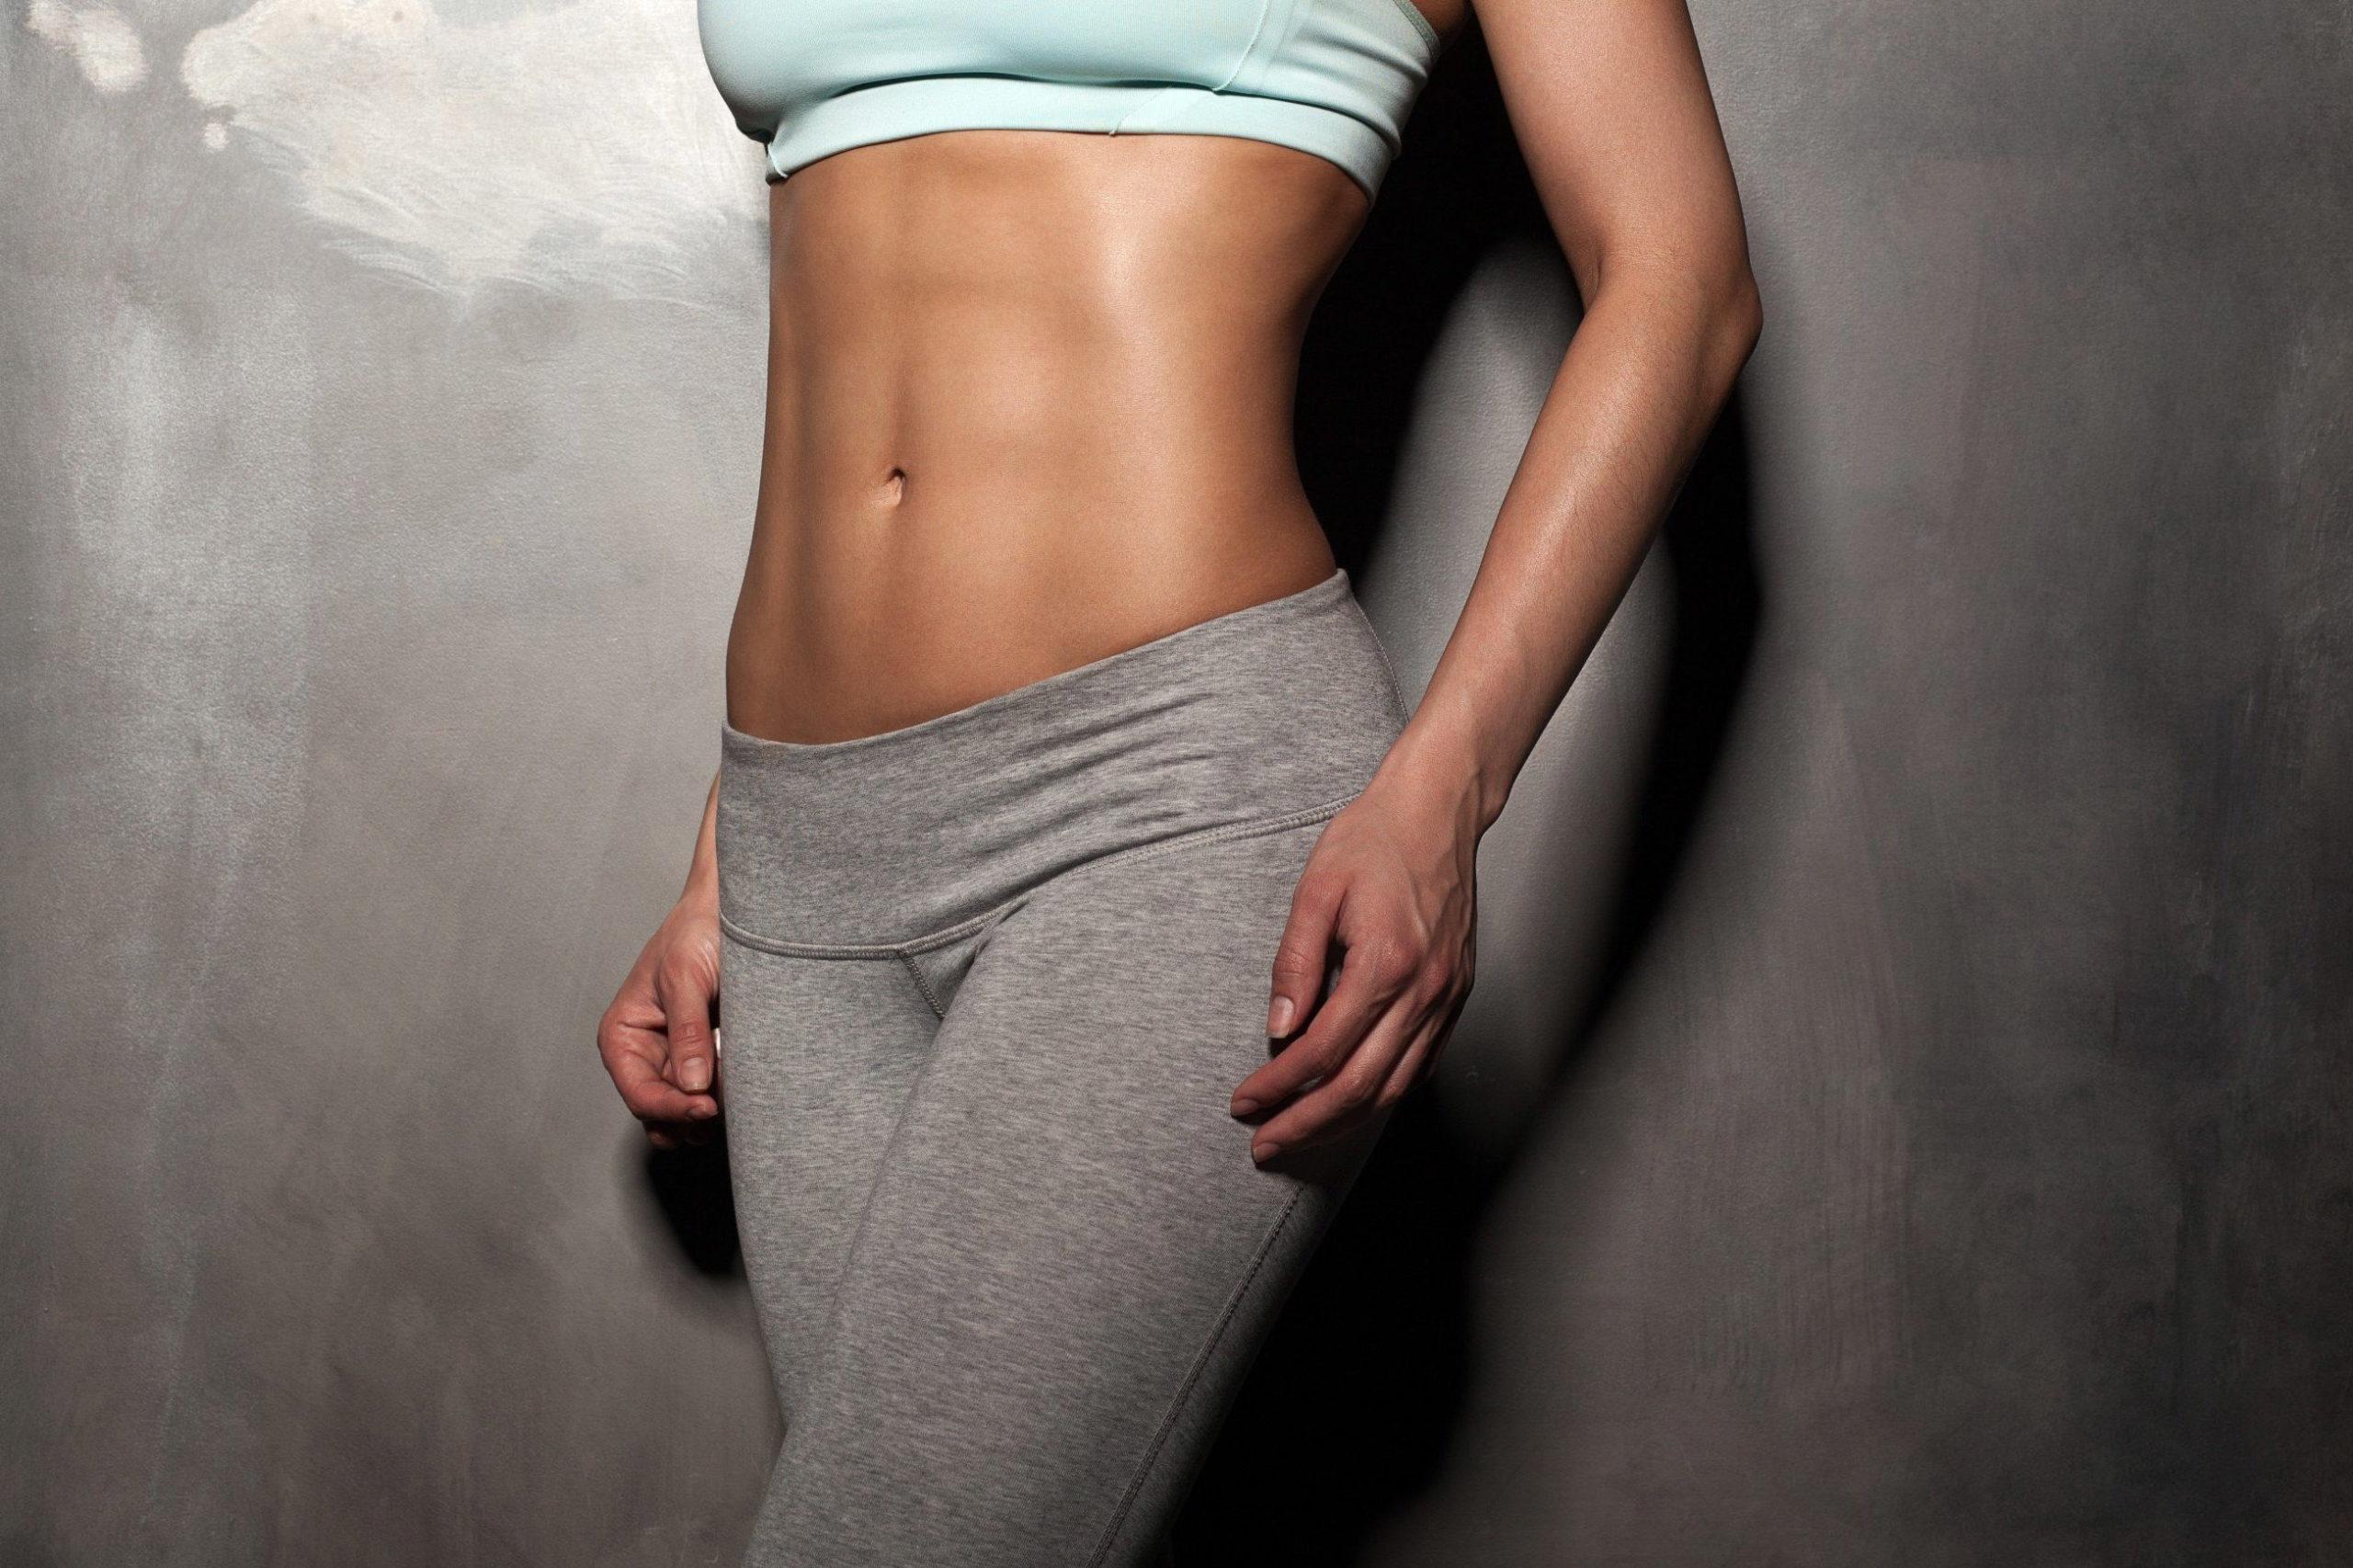 6 советов, как действительно похудеть, тренируясь в спортзале или дома